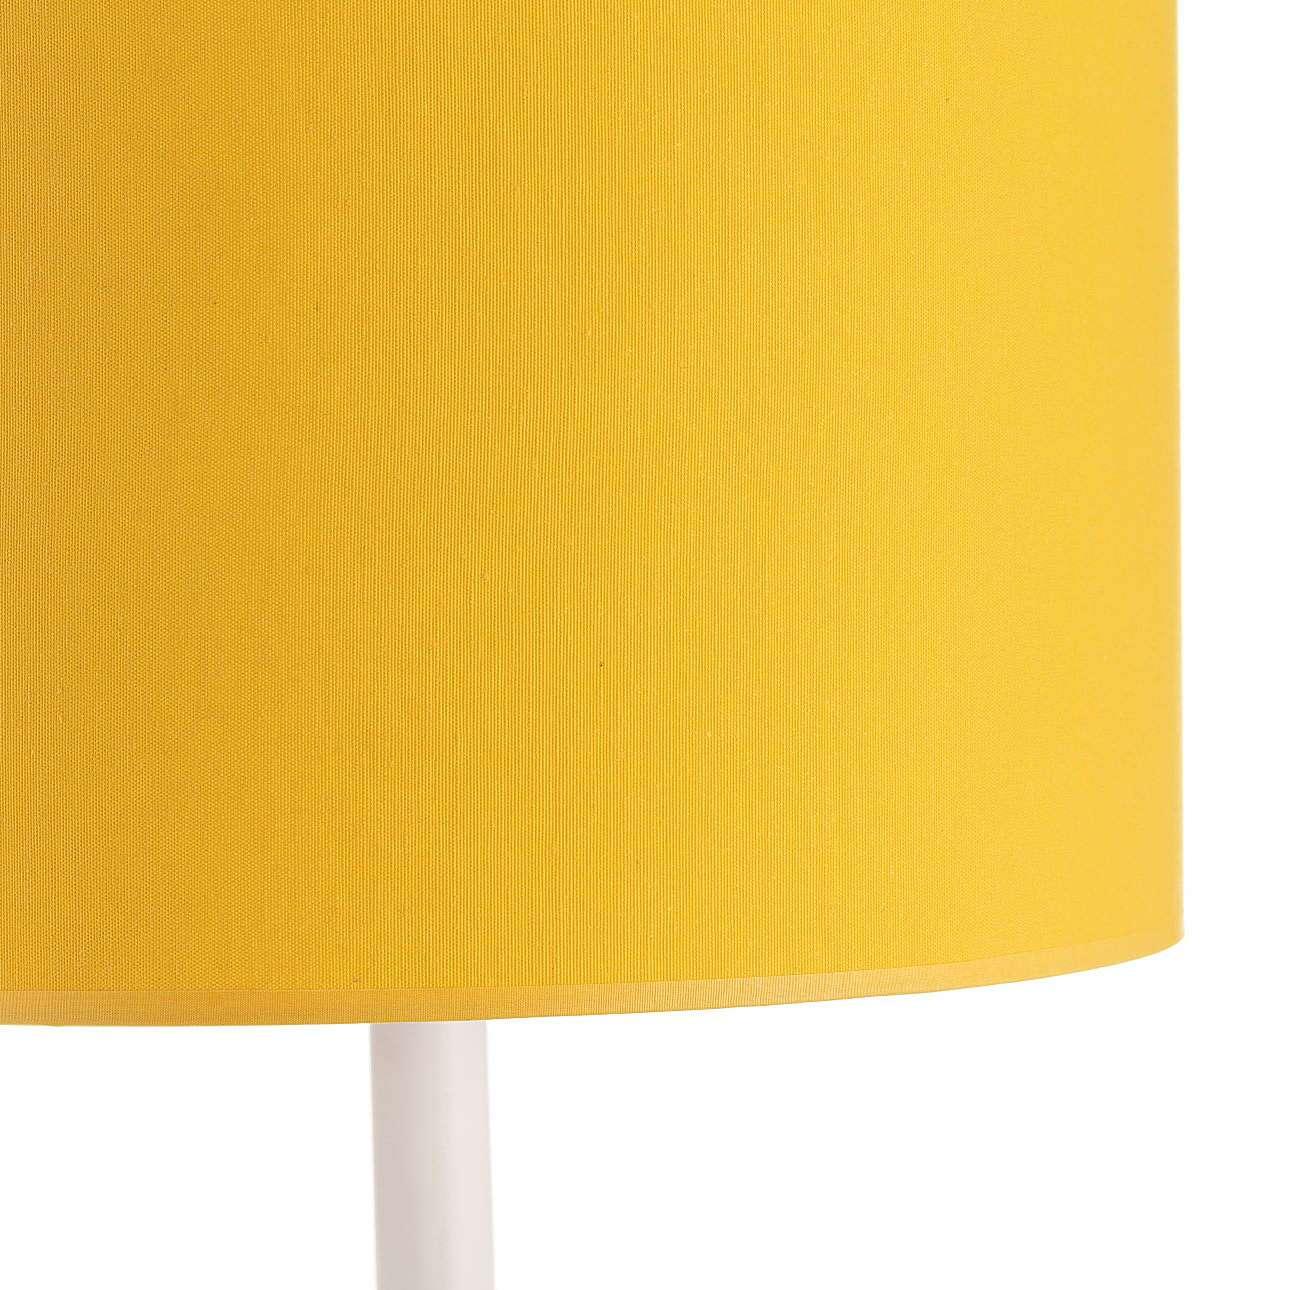 Lampa podłogowa Yellow Happiness